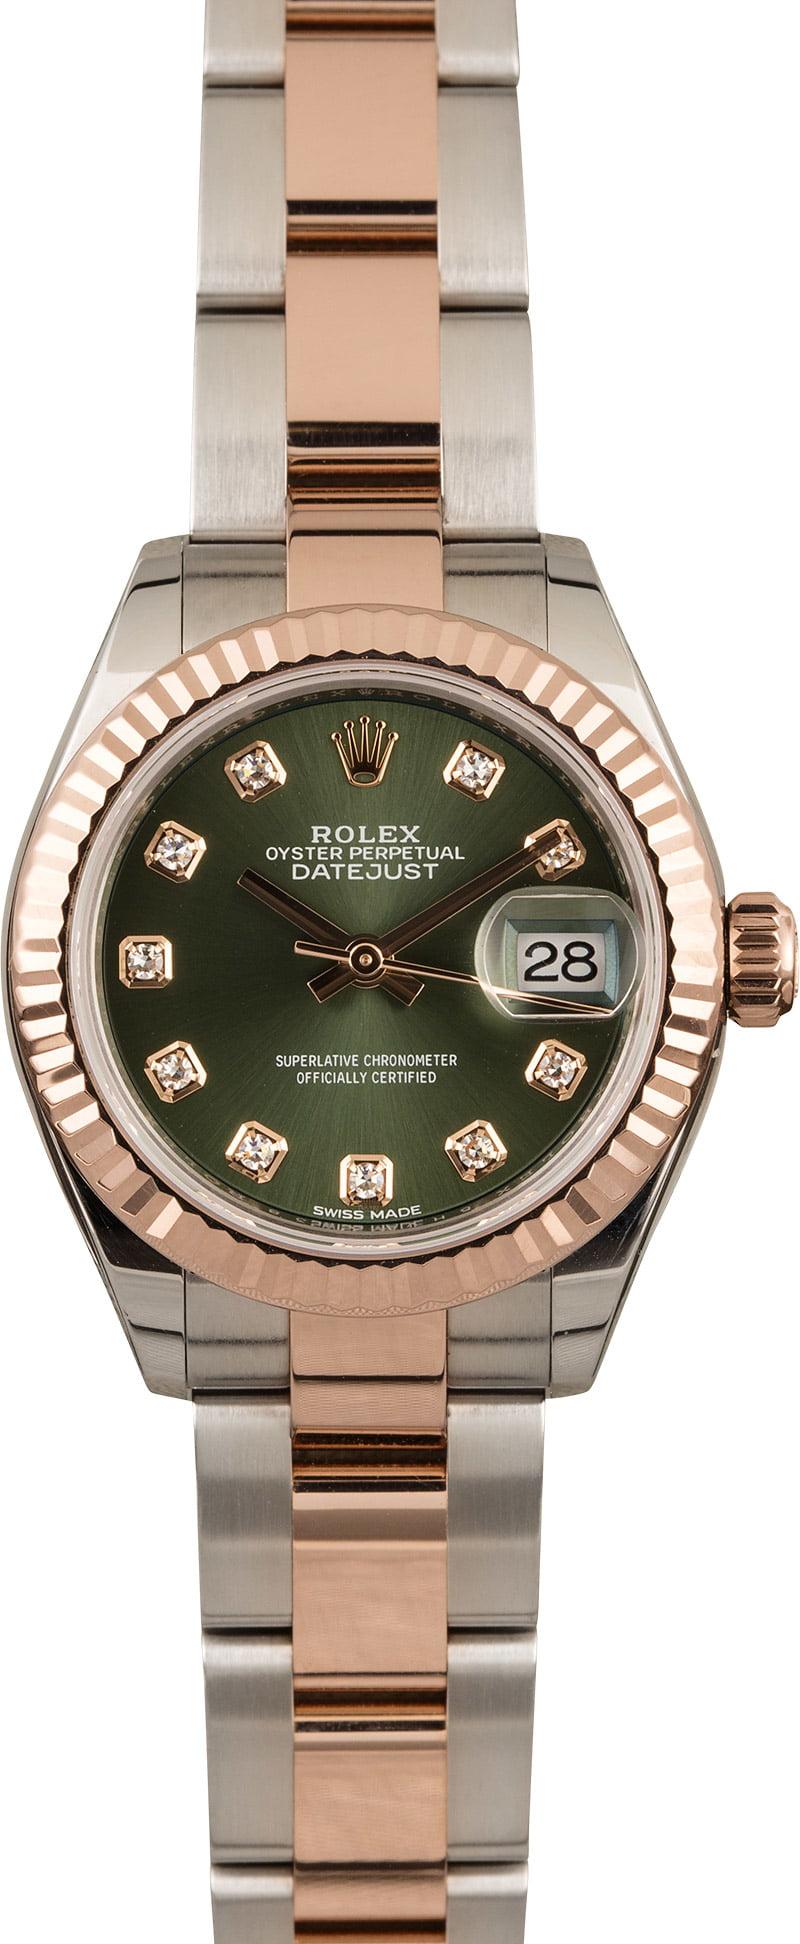 Rolex Datejust 28 Size Options